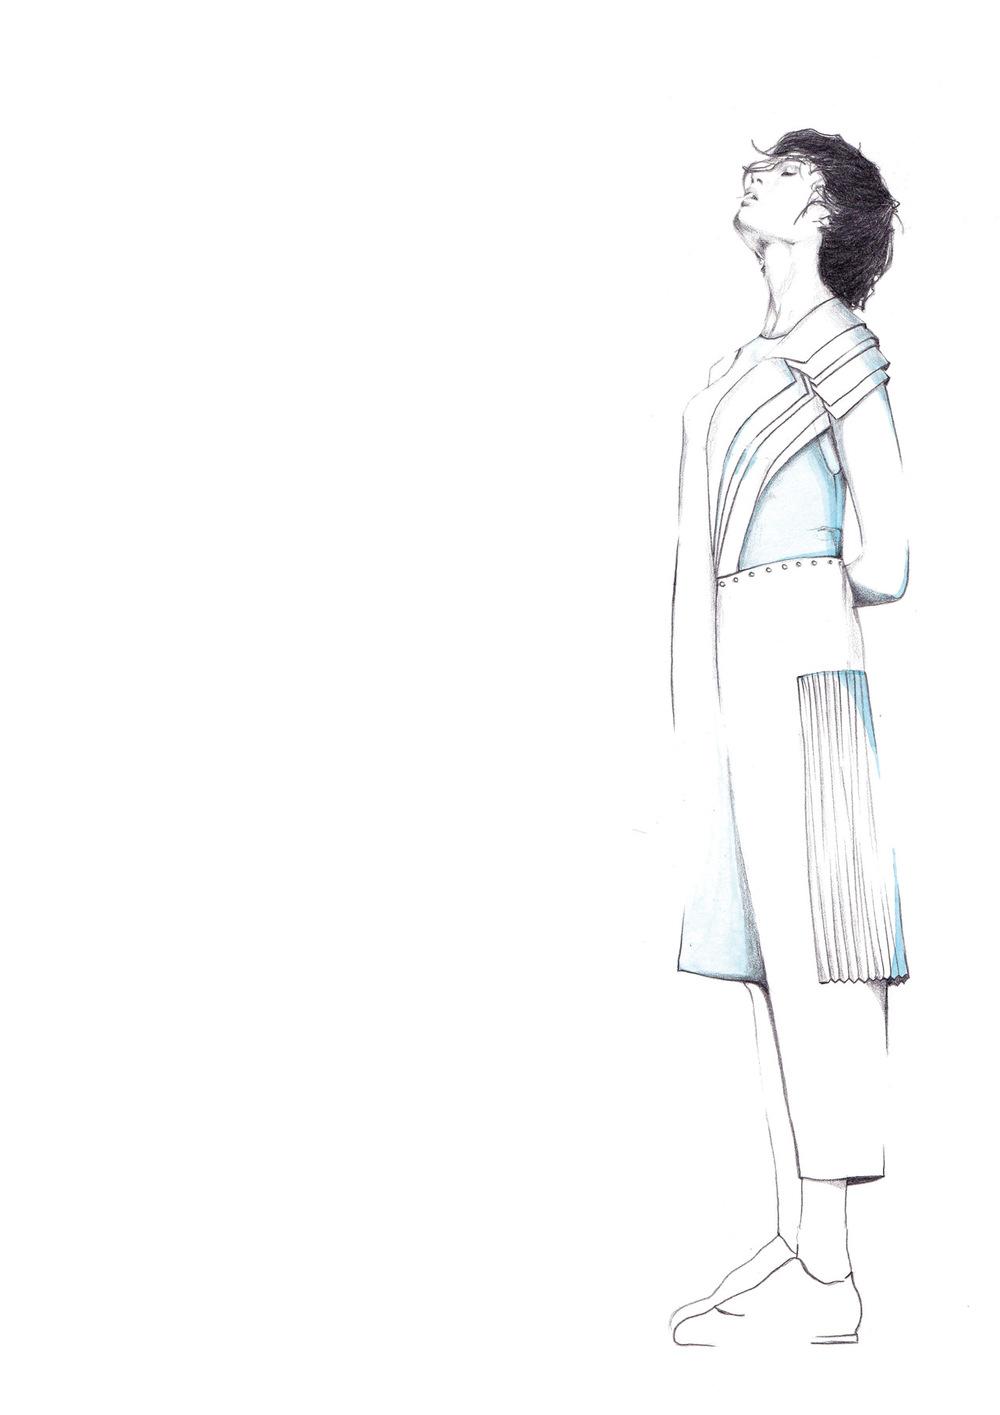 Laura Searle - Pencil & Watercolor.